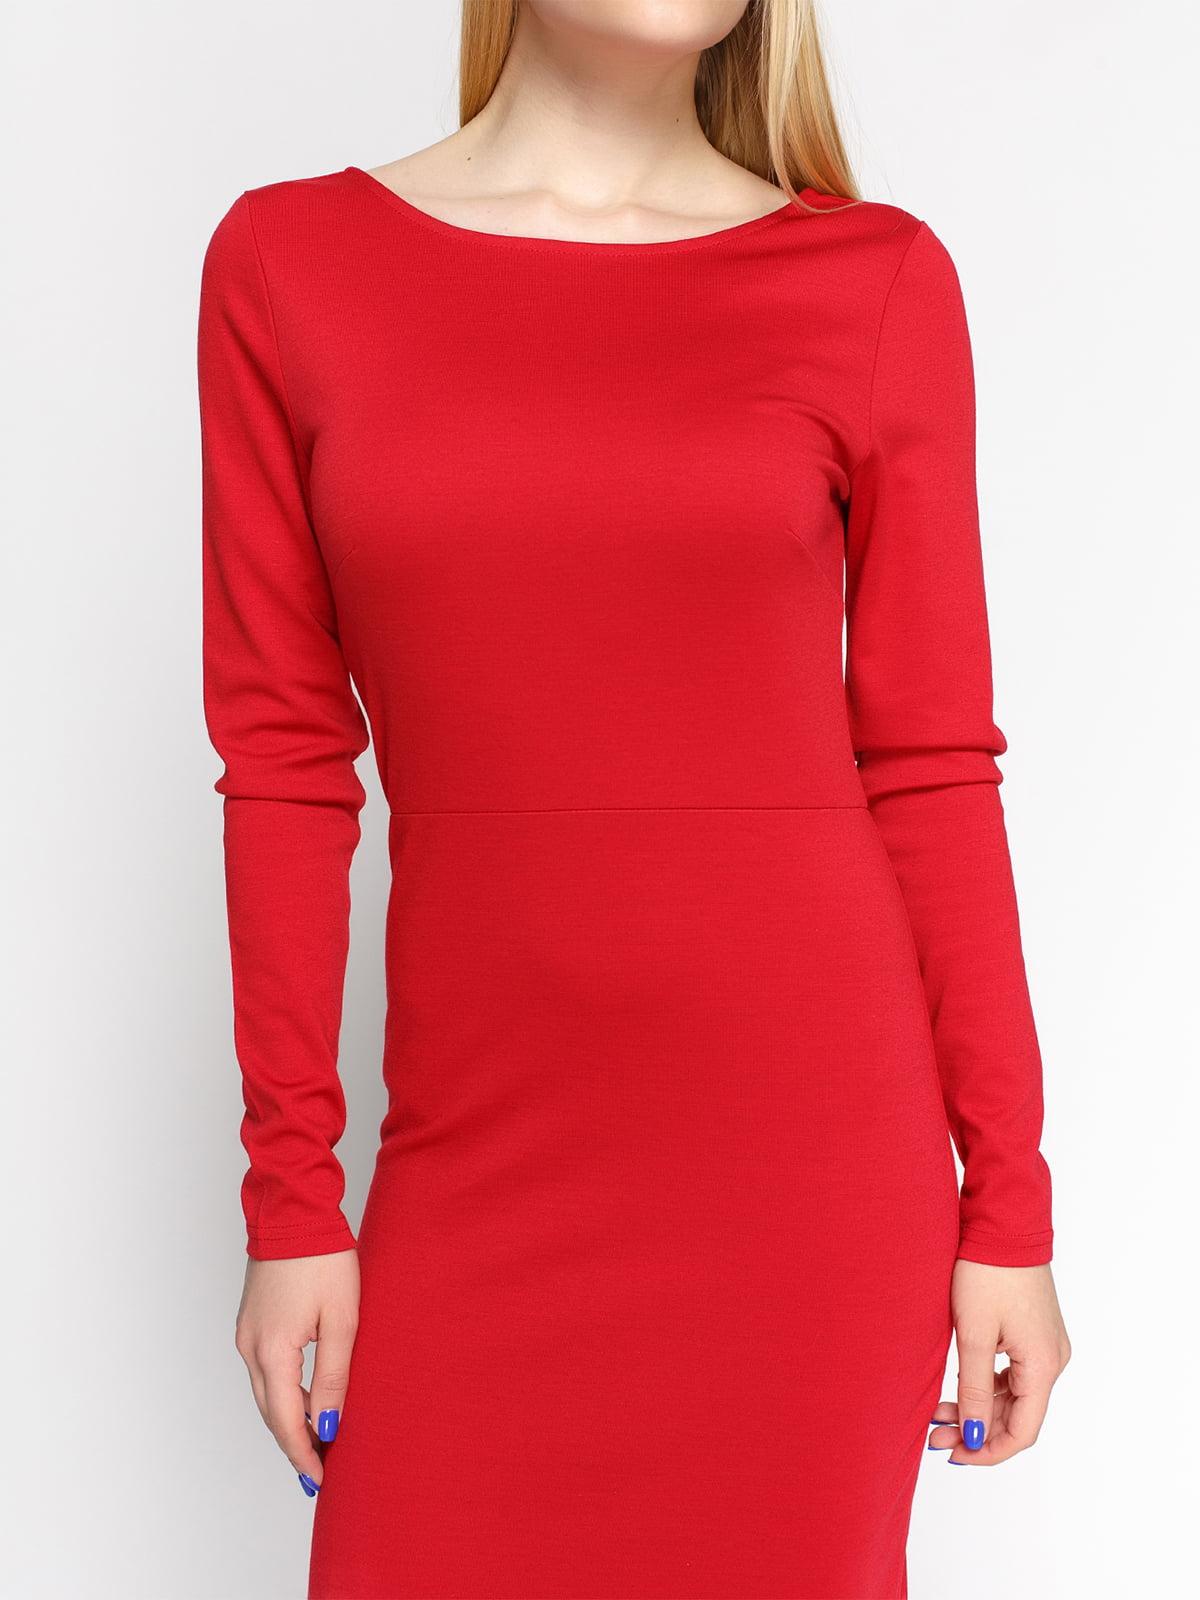 Платье красное | 4546025 | фото 3